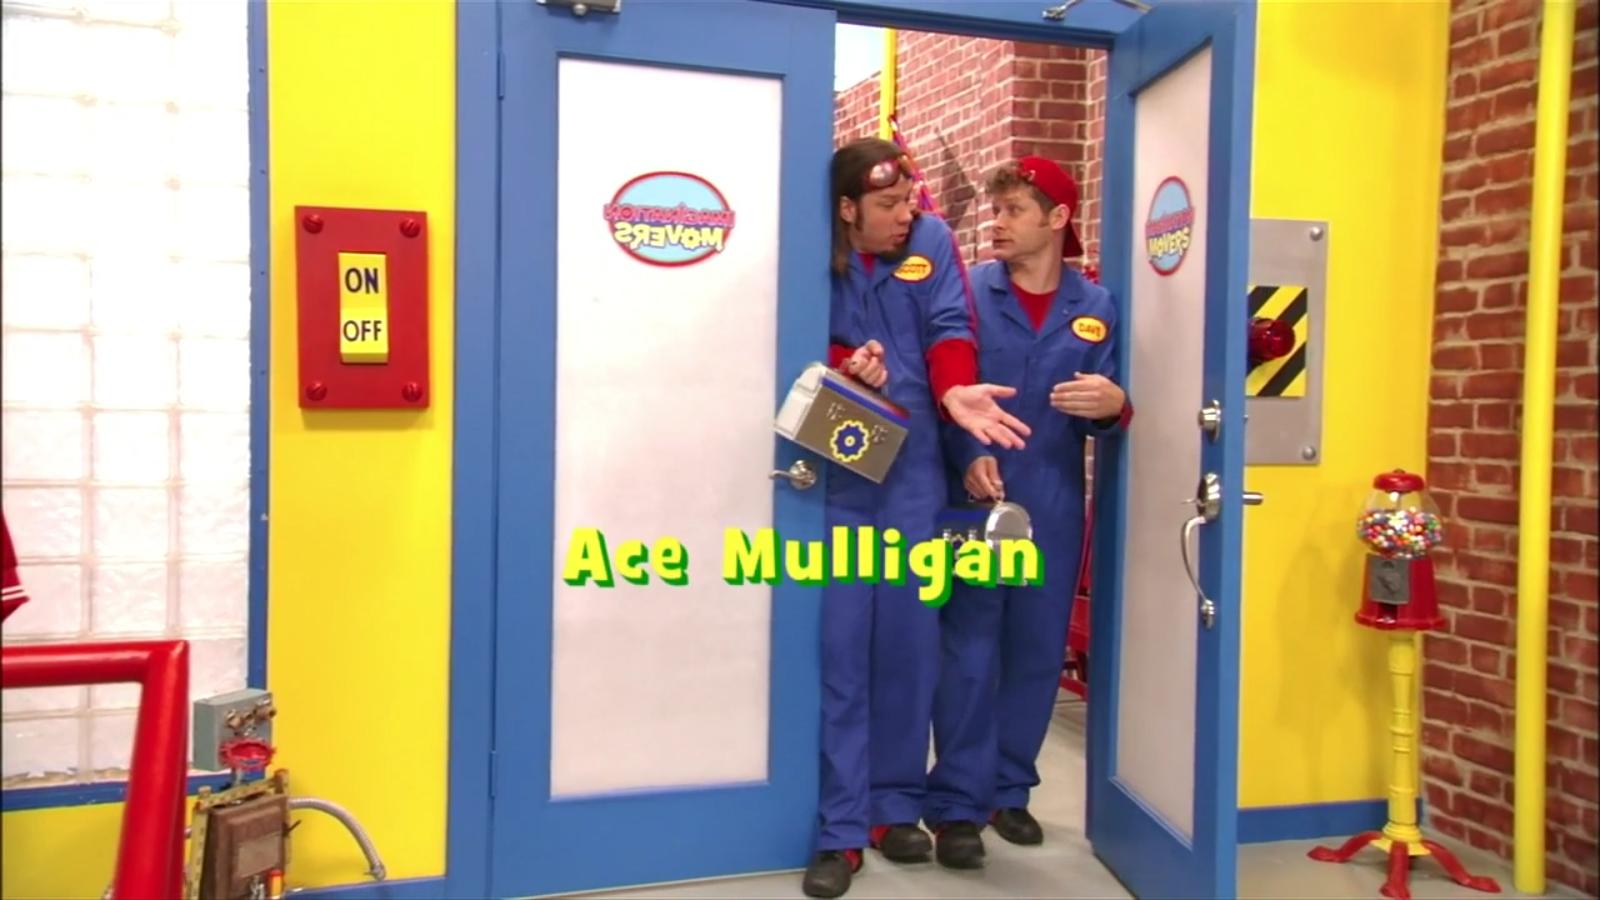 Ace Mulligan